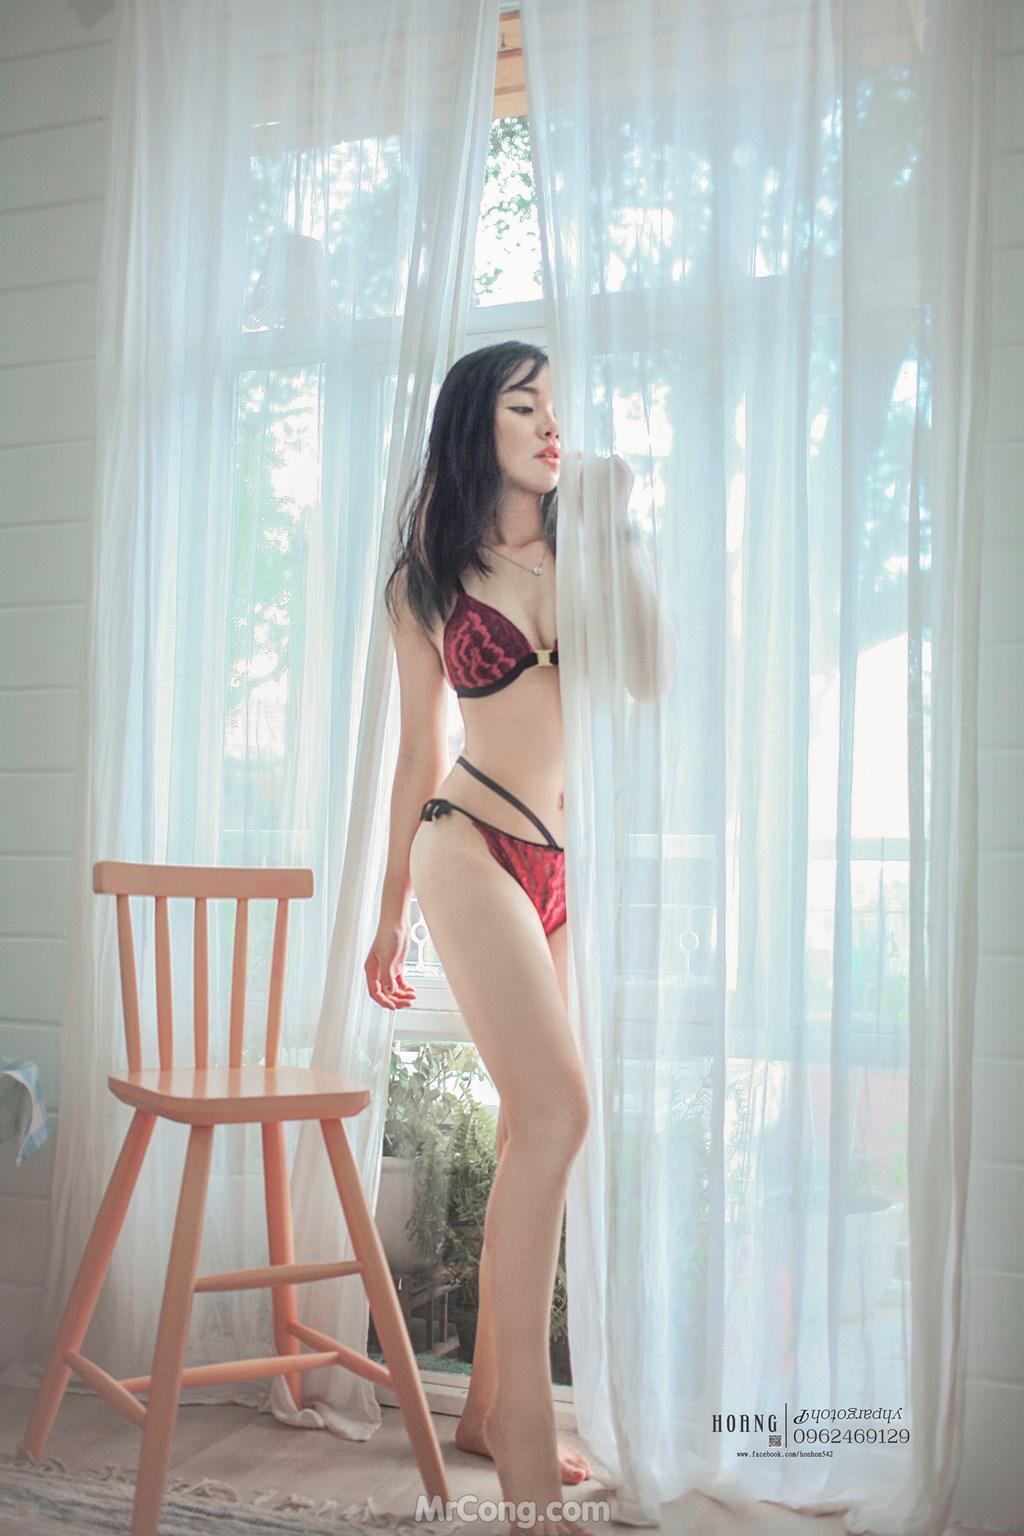 Ảnh Hot girl, sexy girl, bikini, người đẹp Việt sưu tầm (P11) Vietnamese-Models-by-Hoang-Nguyen-MrCong.com-044